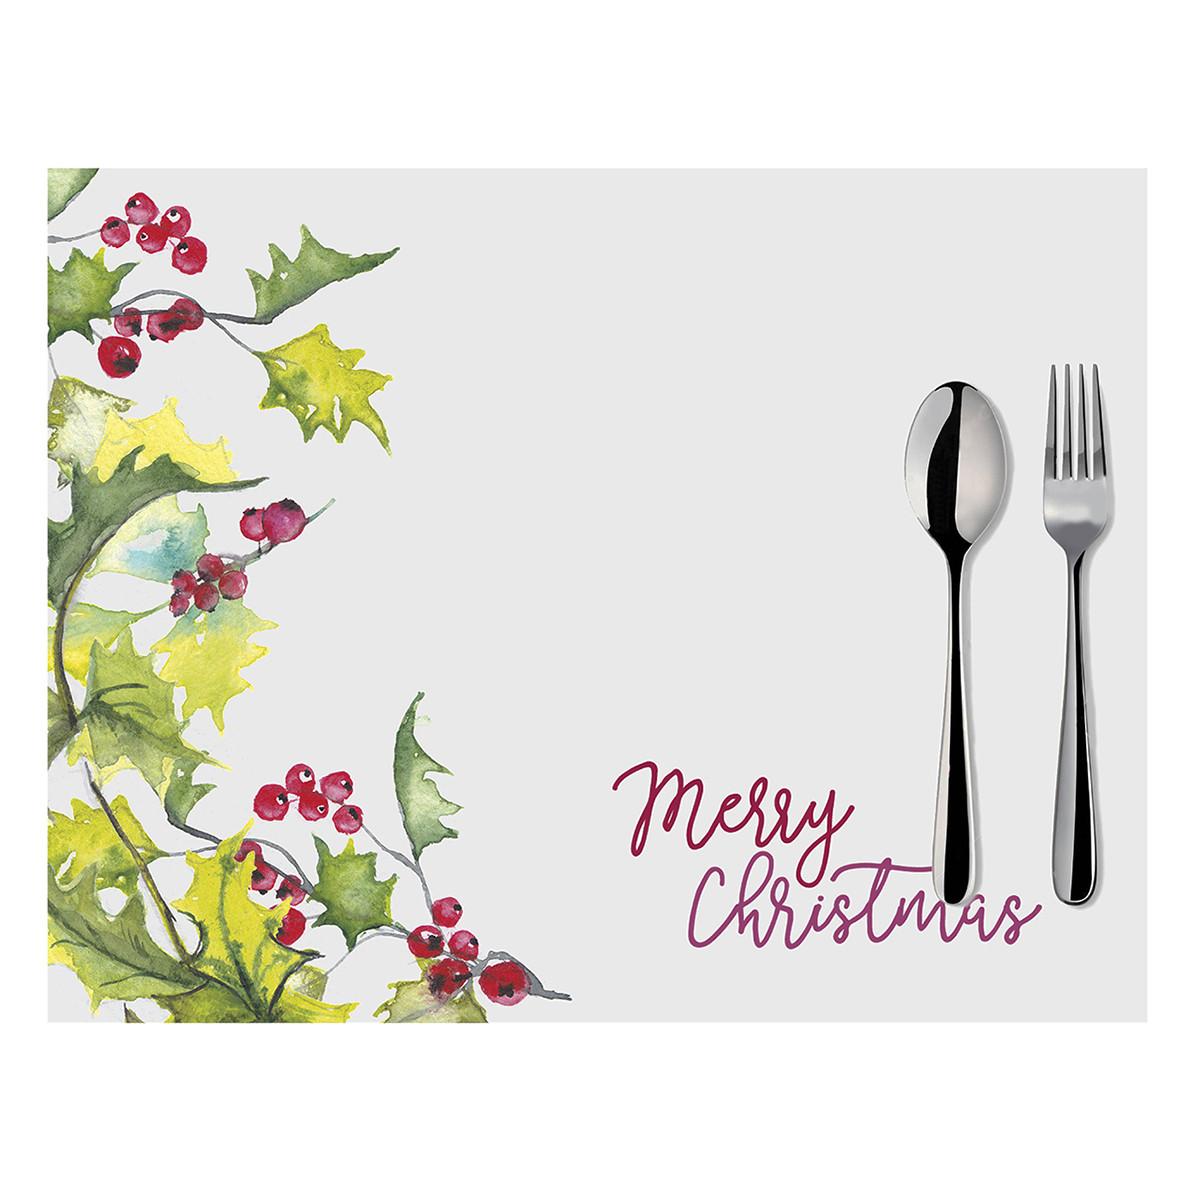 Χριστουγεννιάτικα Σουπλά (Σετ 2τμχ) Apolena 790-5576/1 home   χριστουγεννιάτικα   χριστουγεννιάτικα σουπλά